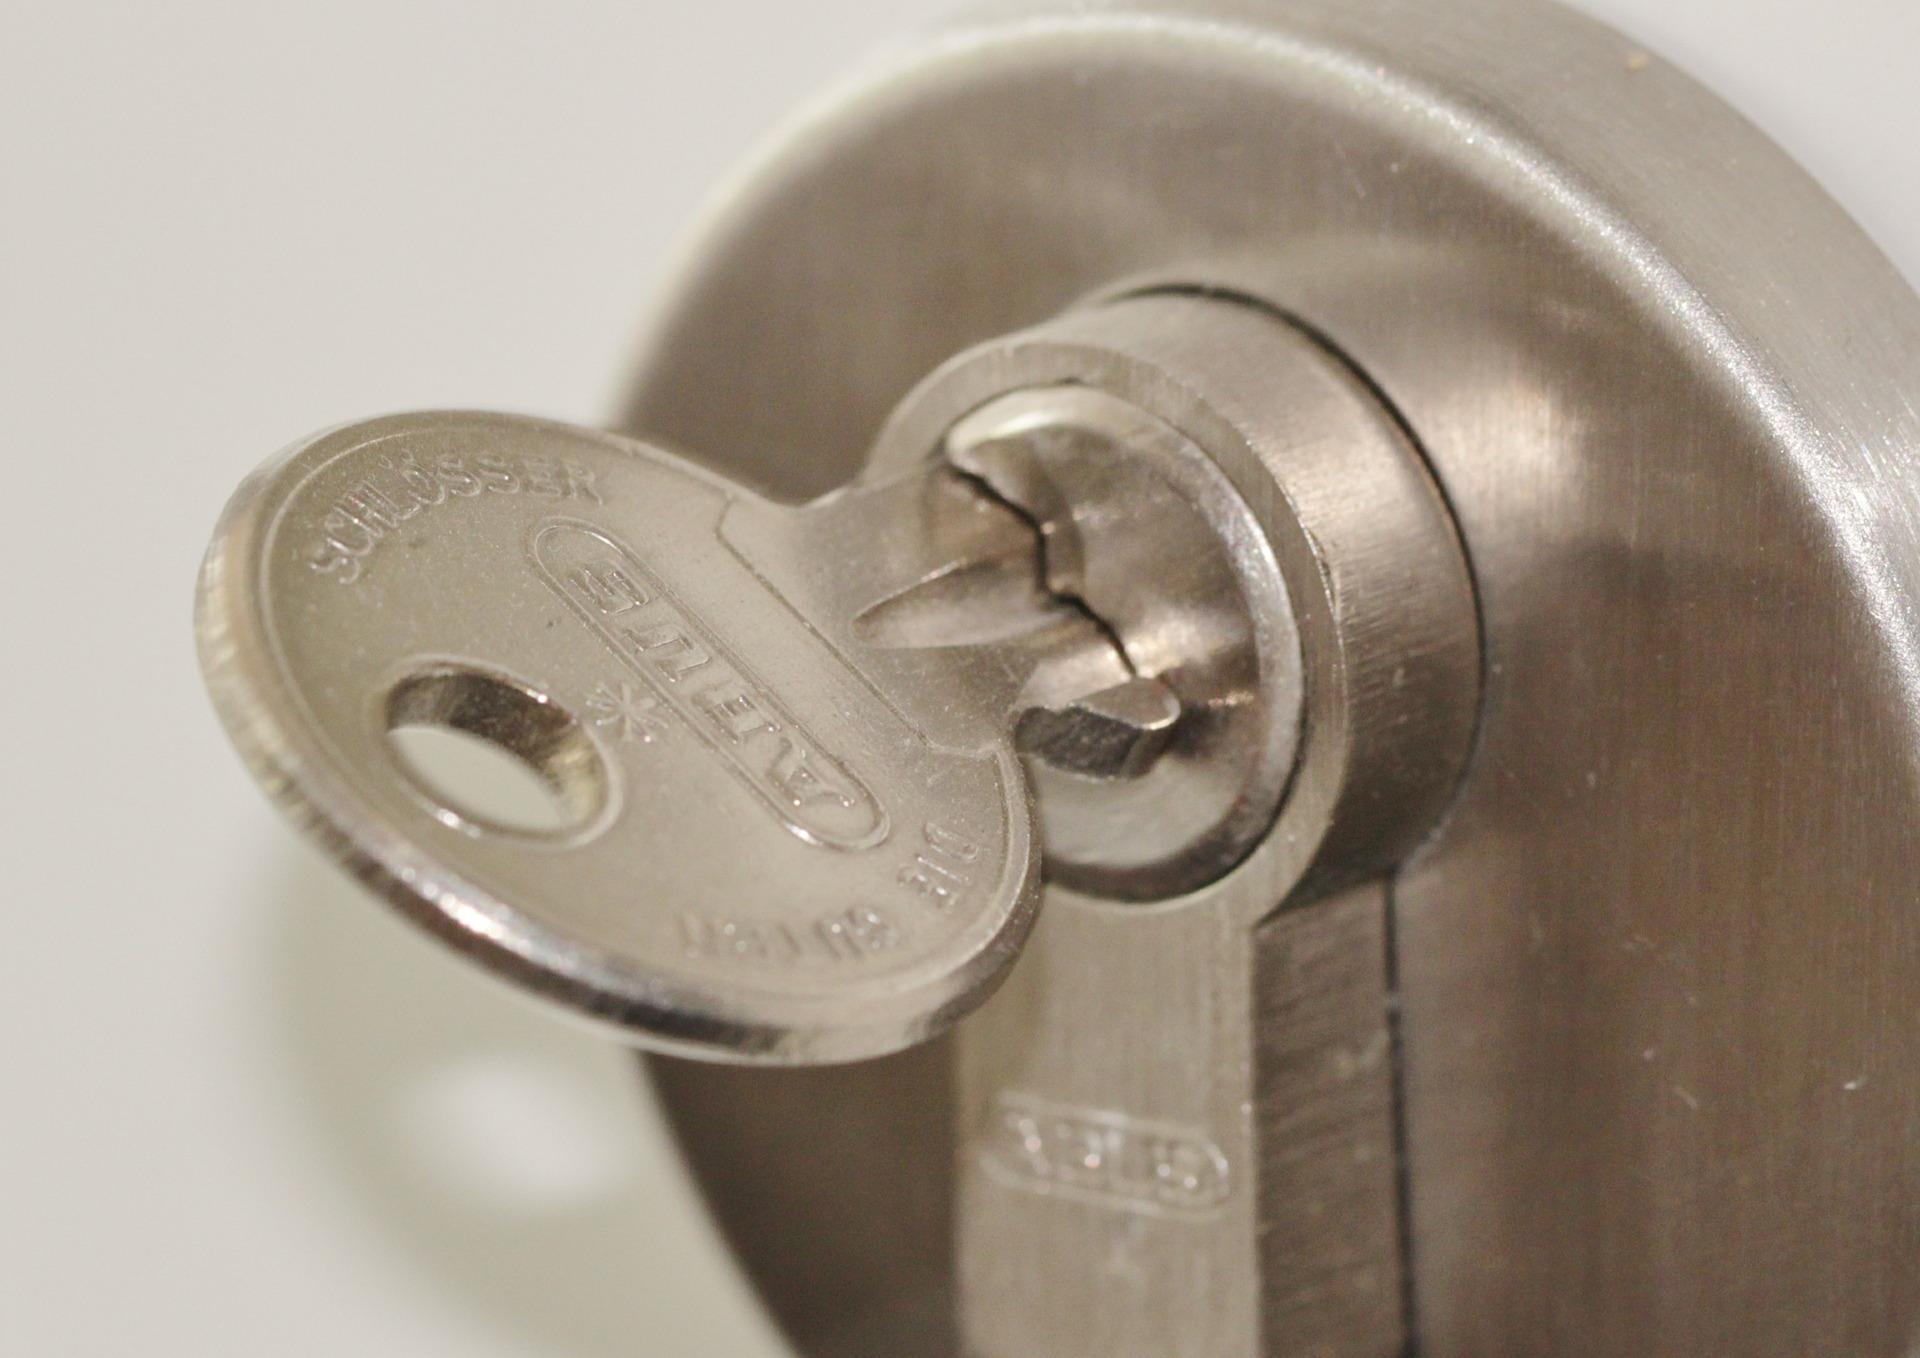 Prima Byta lås i ytterdörr själv t.ex. när du flyttar in. Vanligt eller WN-57